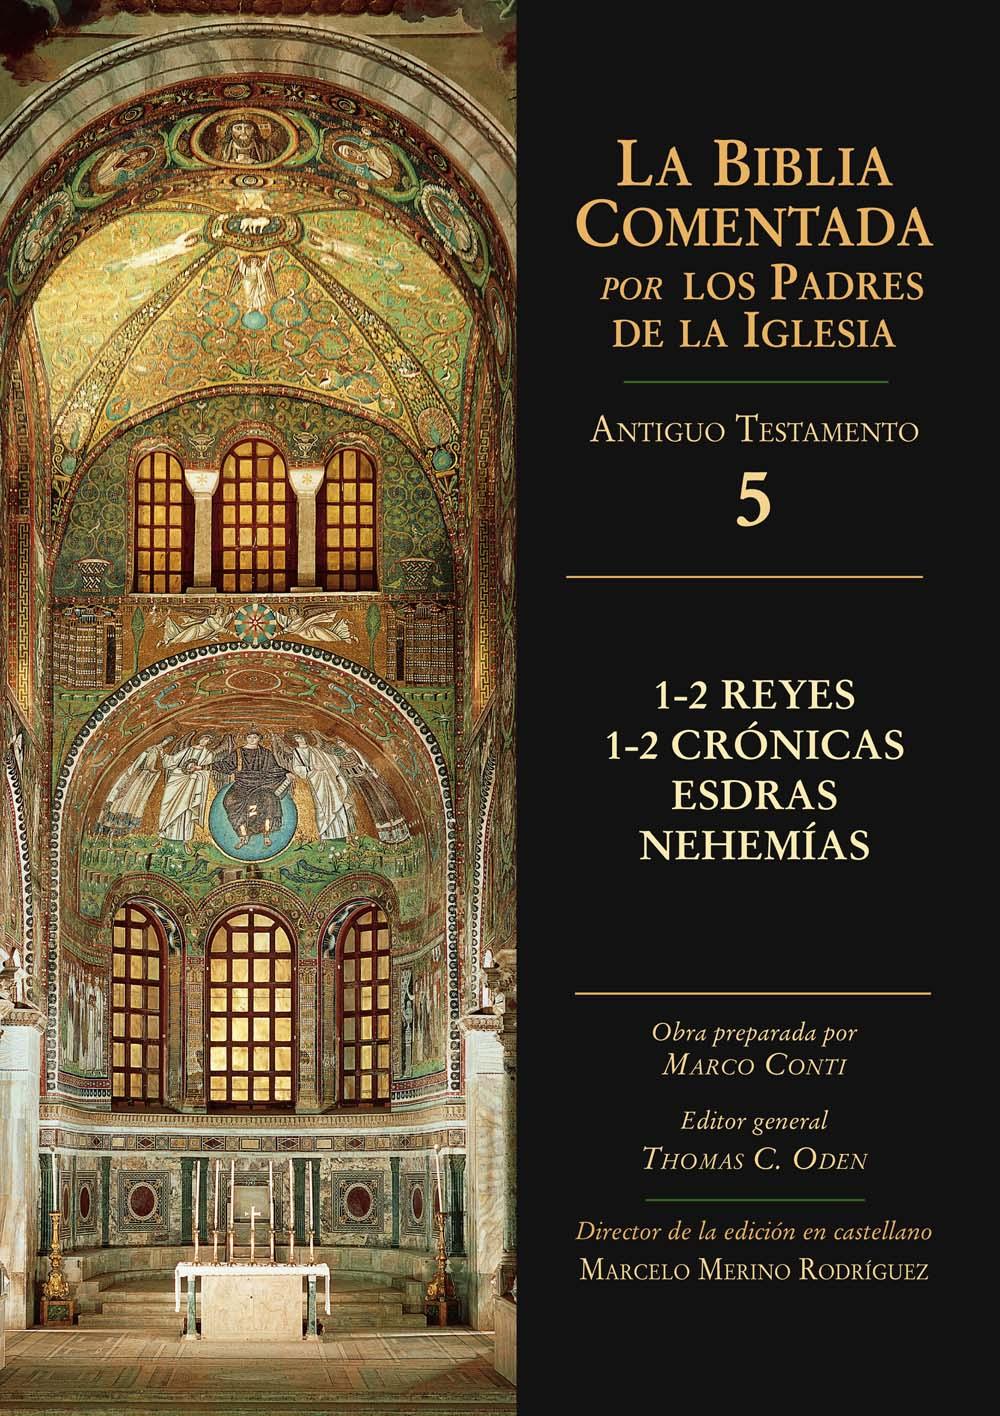 1-2-reyes-1-2-cronicas-esdras-nehemias